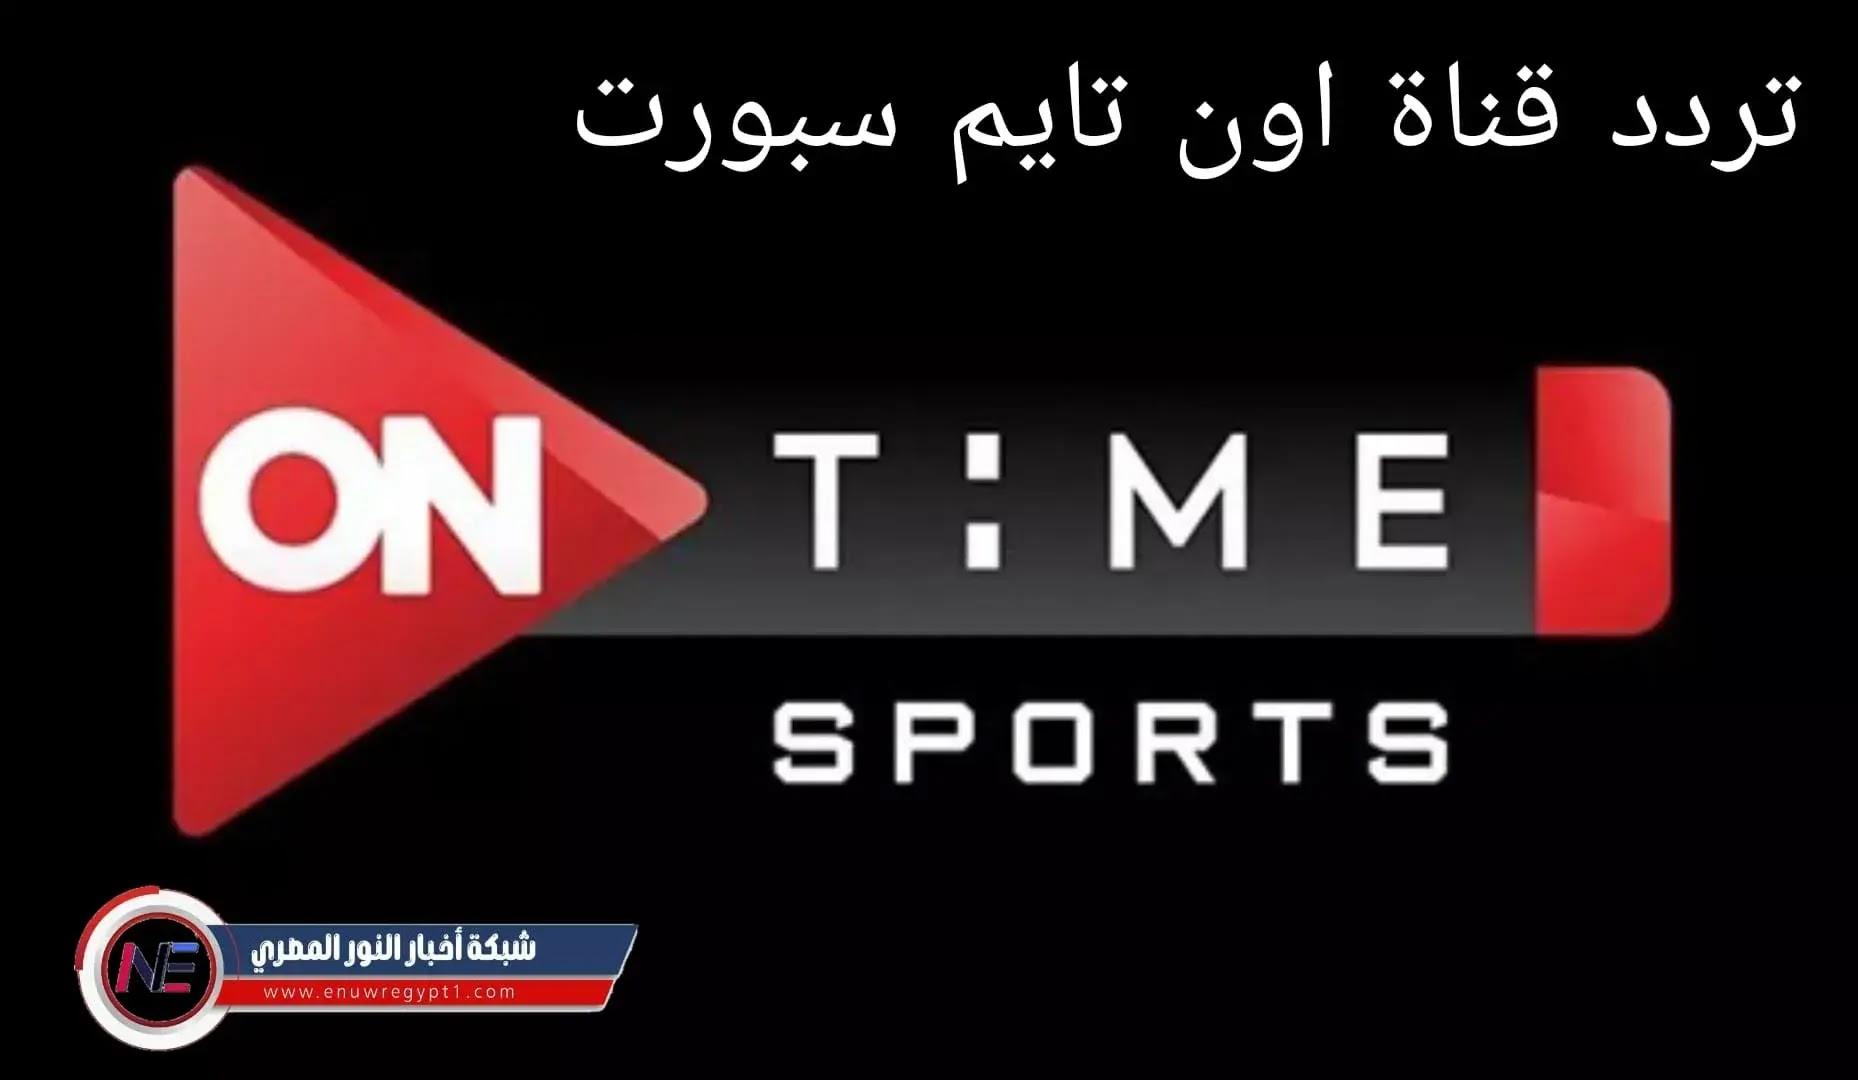 استقبل تردد قناة أون تايم سبورت ON Time sport HD الجديد 2021 علي النايل سات